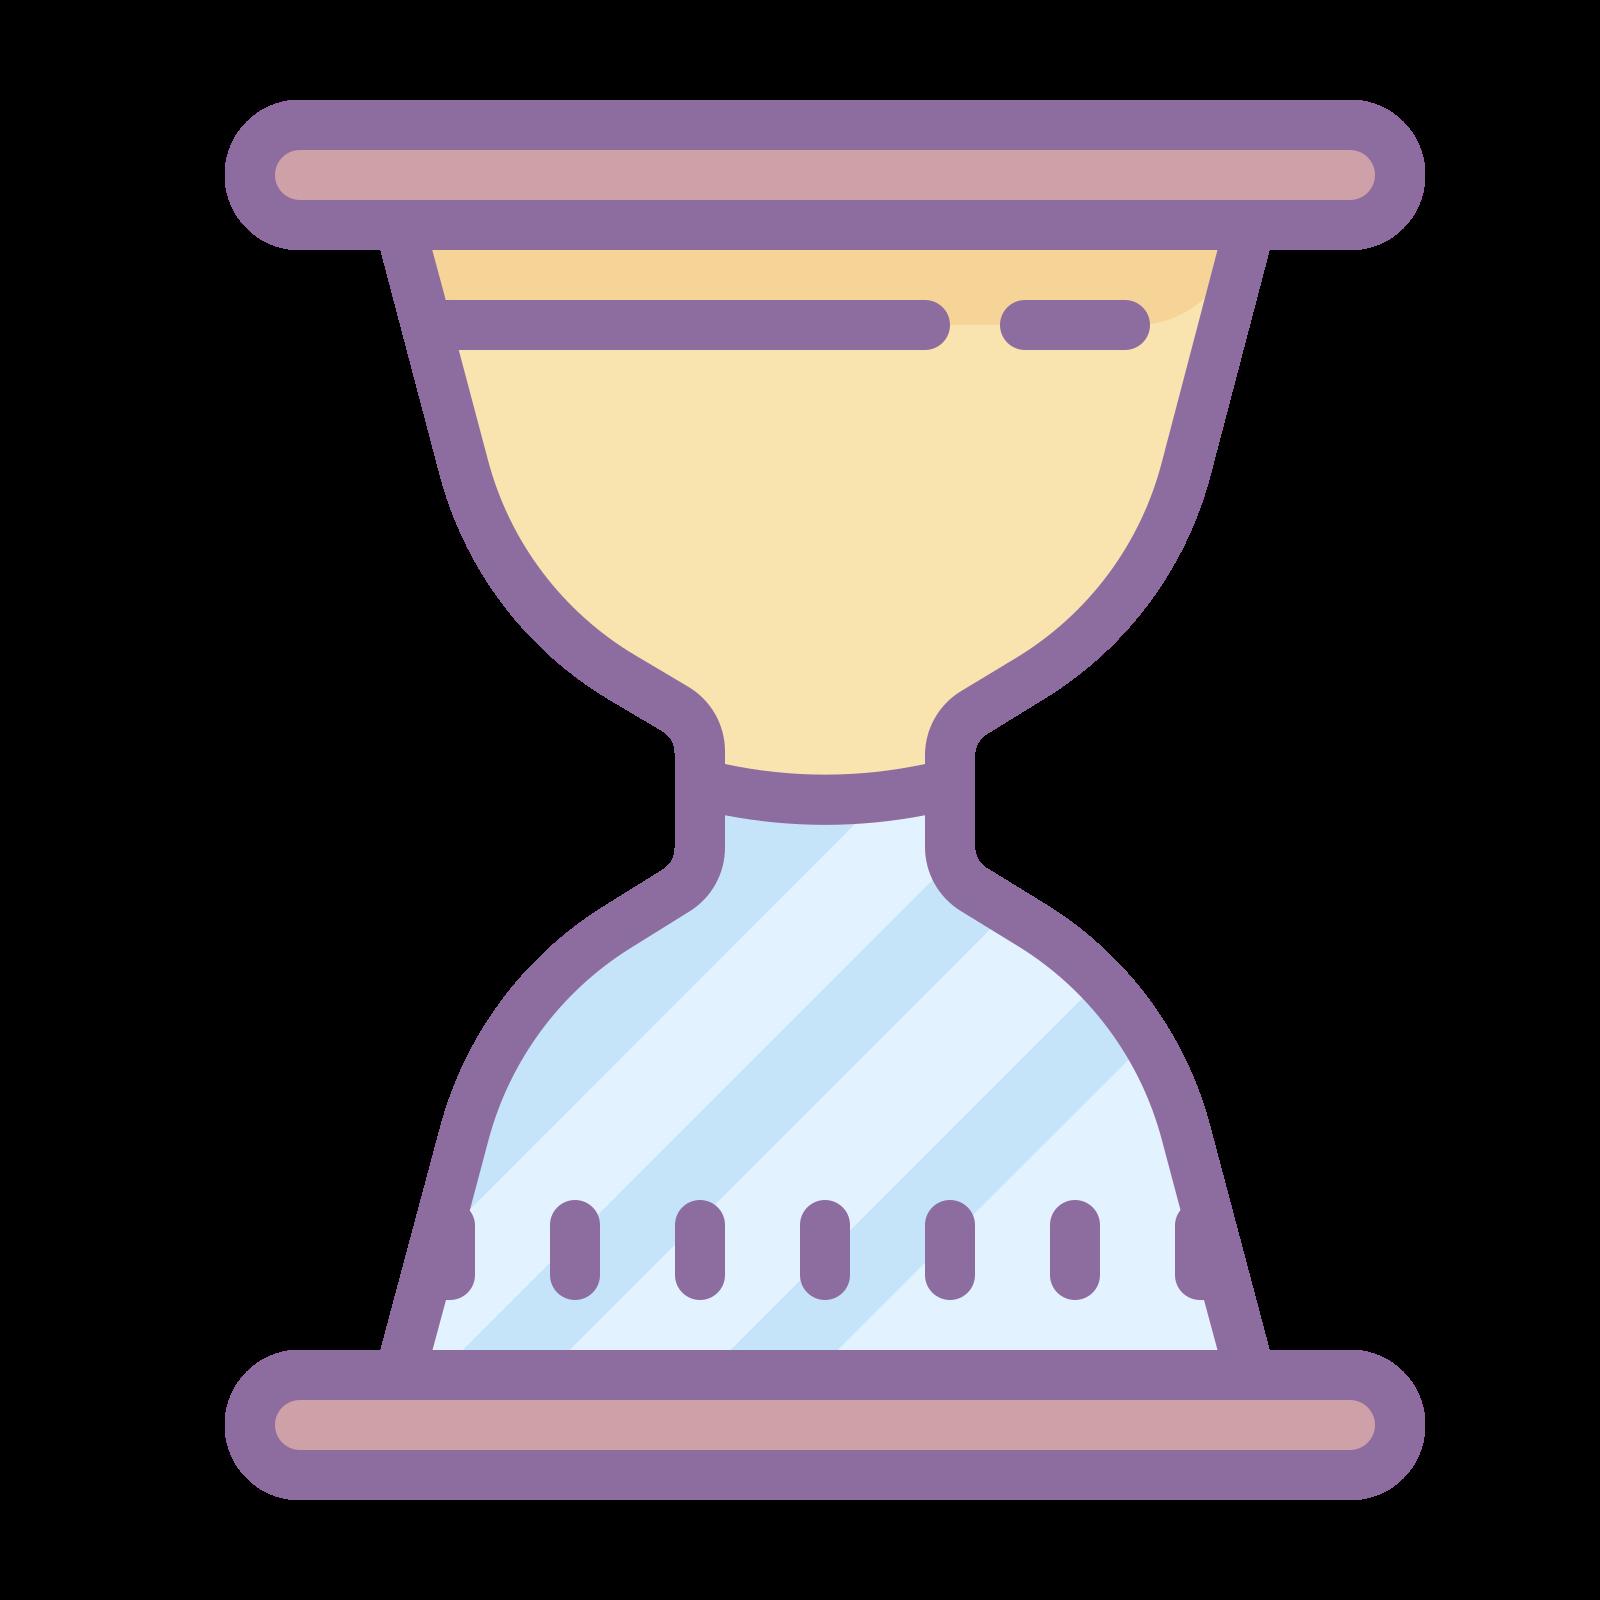 沙漏沙顶 icon. This icon has an hourglass with the sand filling the top portion of the glass. There is no sand in the bottom.